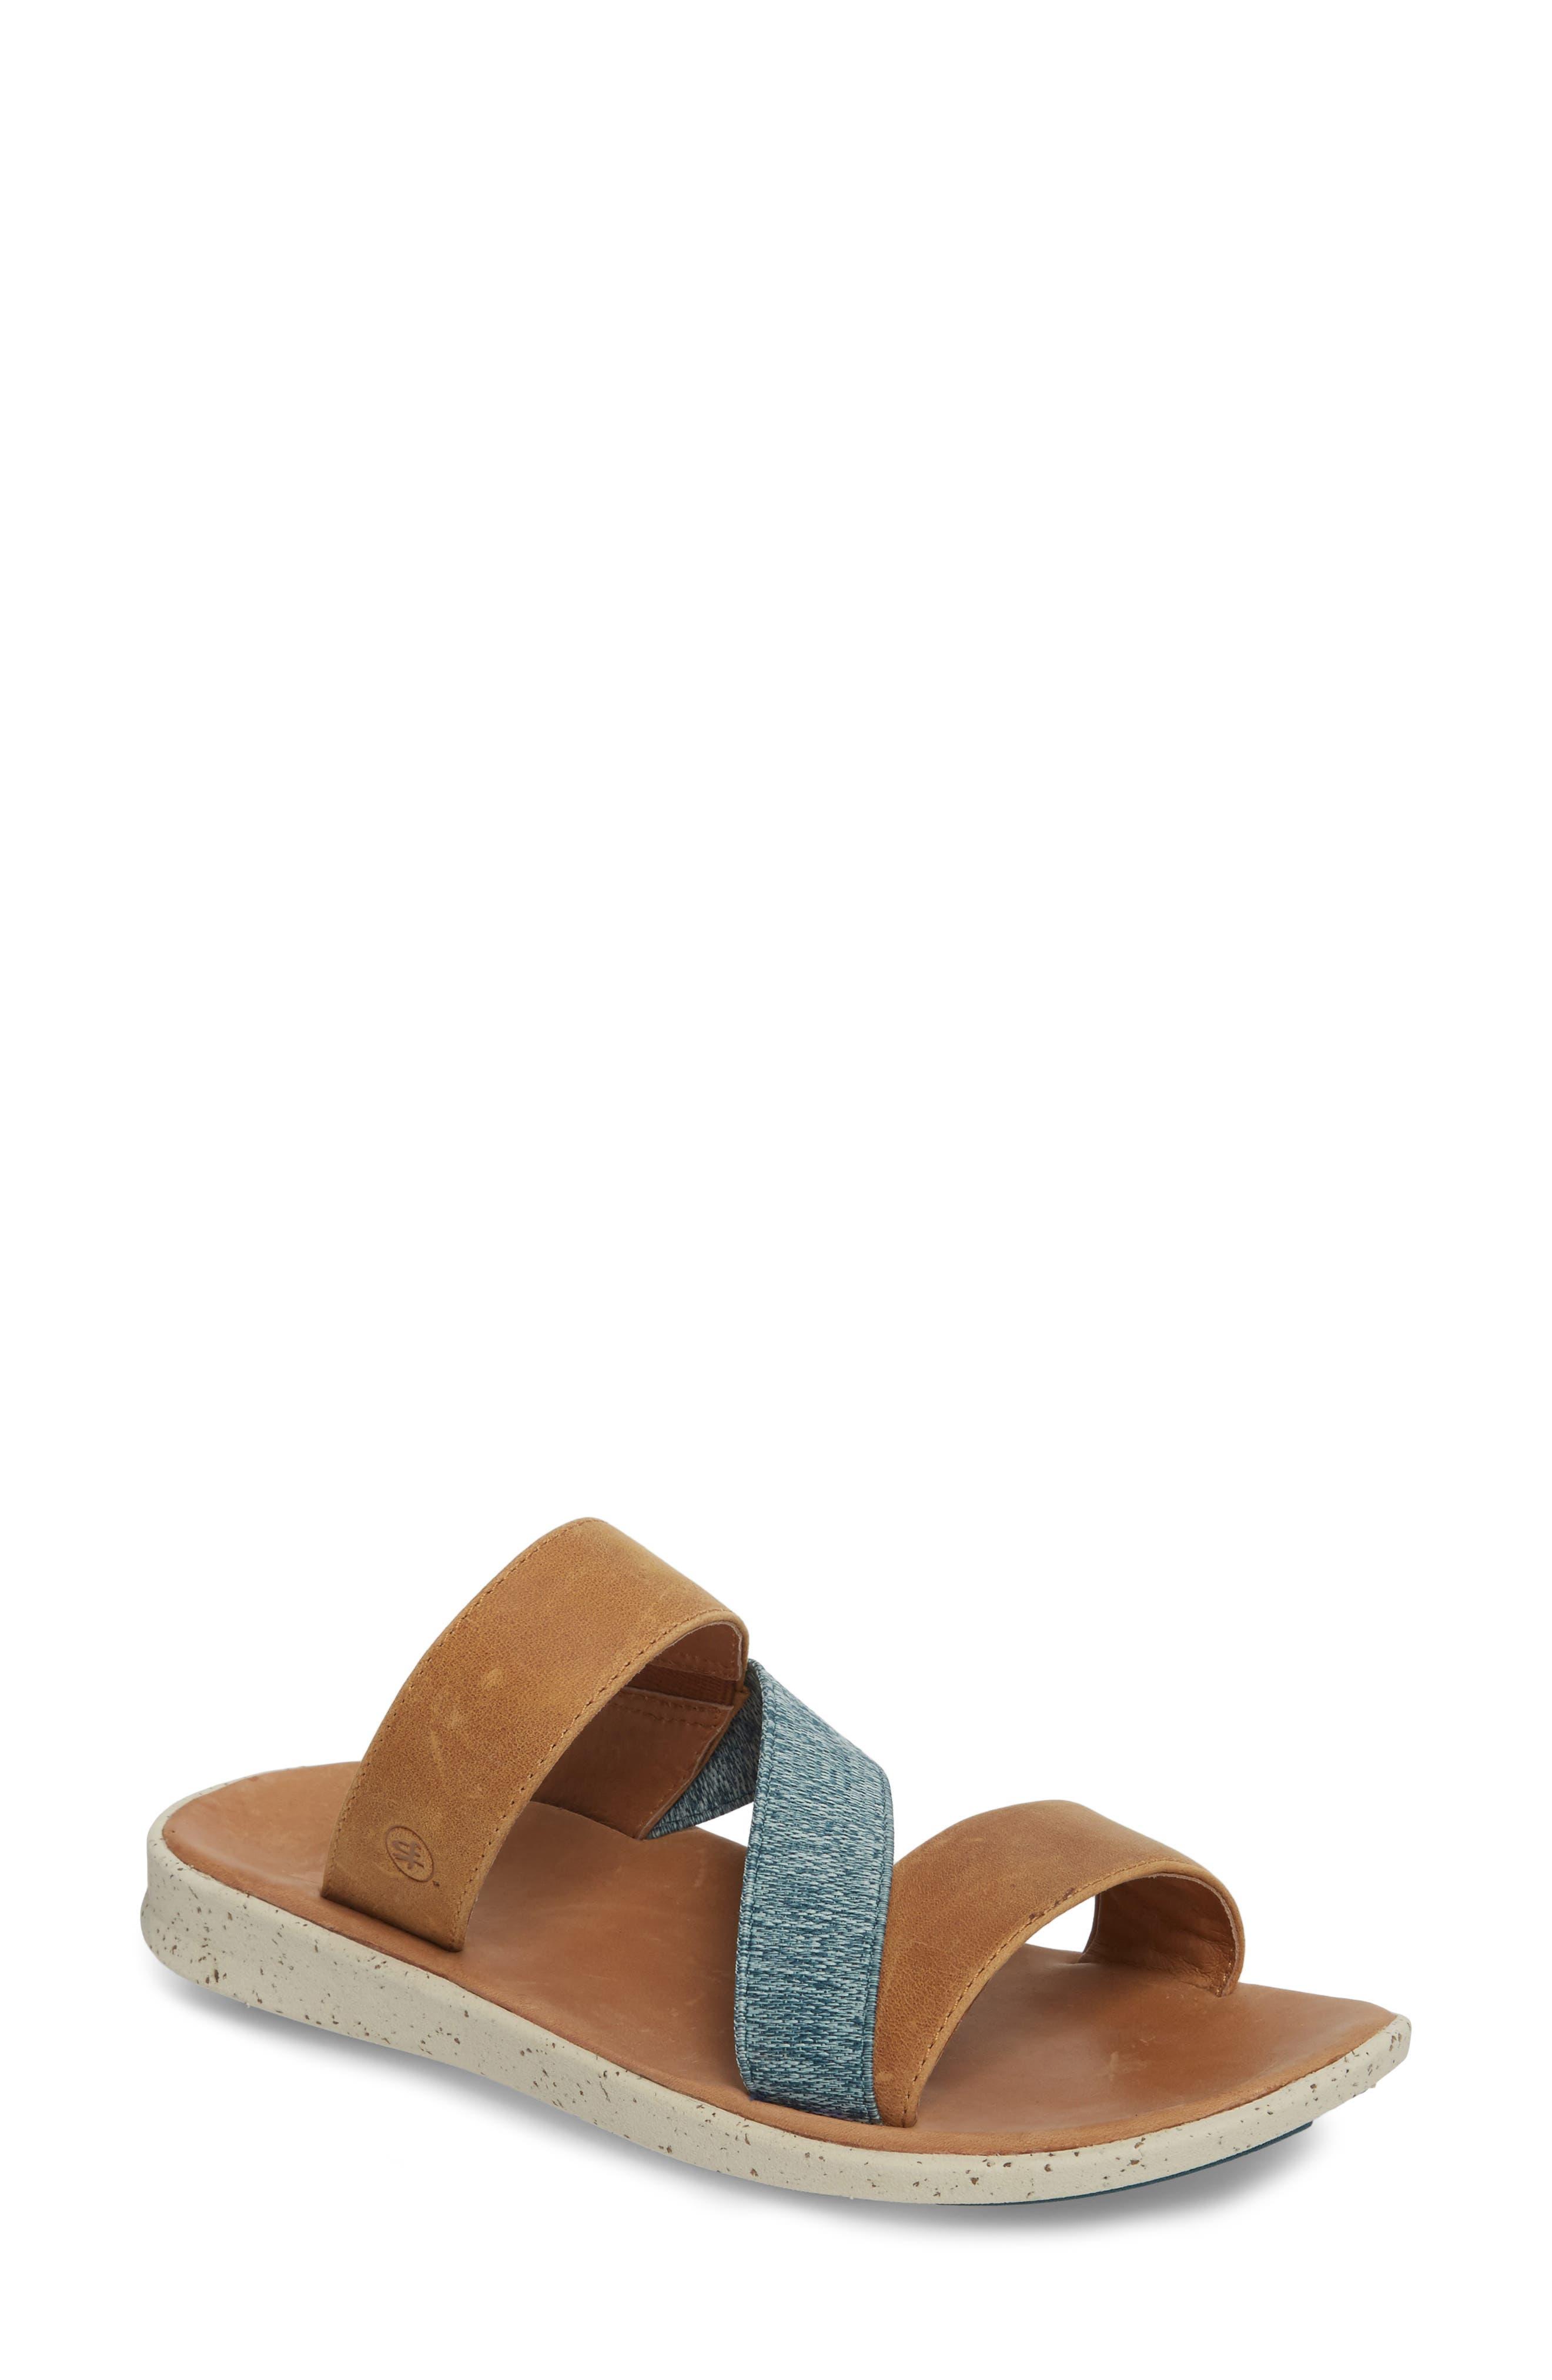 Superfeet Reyes Slide Sandal, Brown